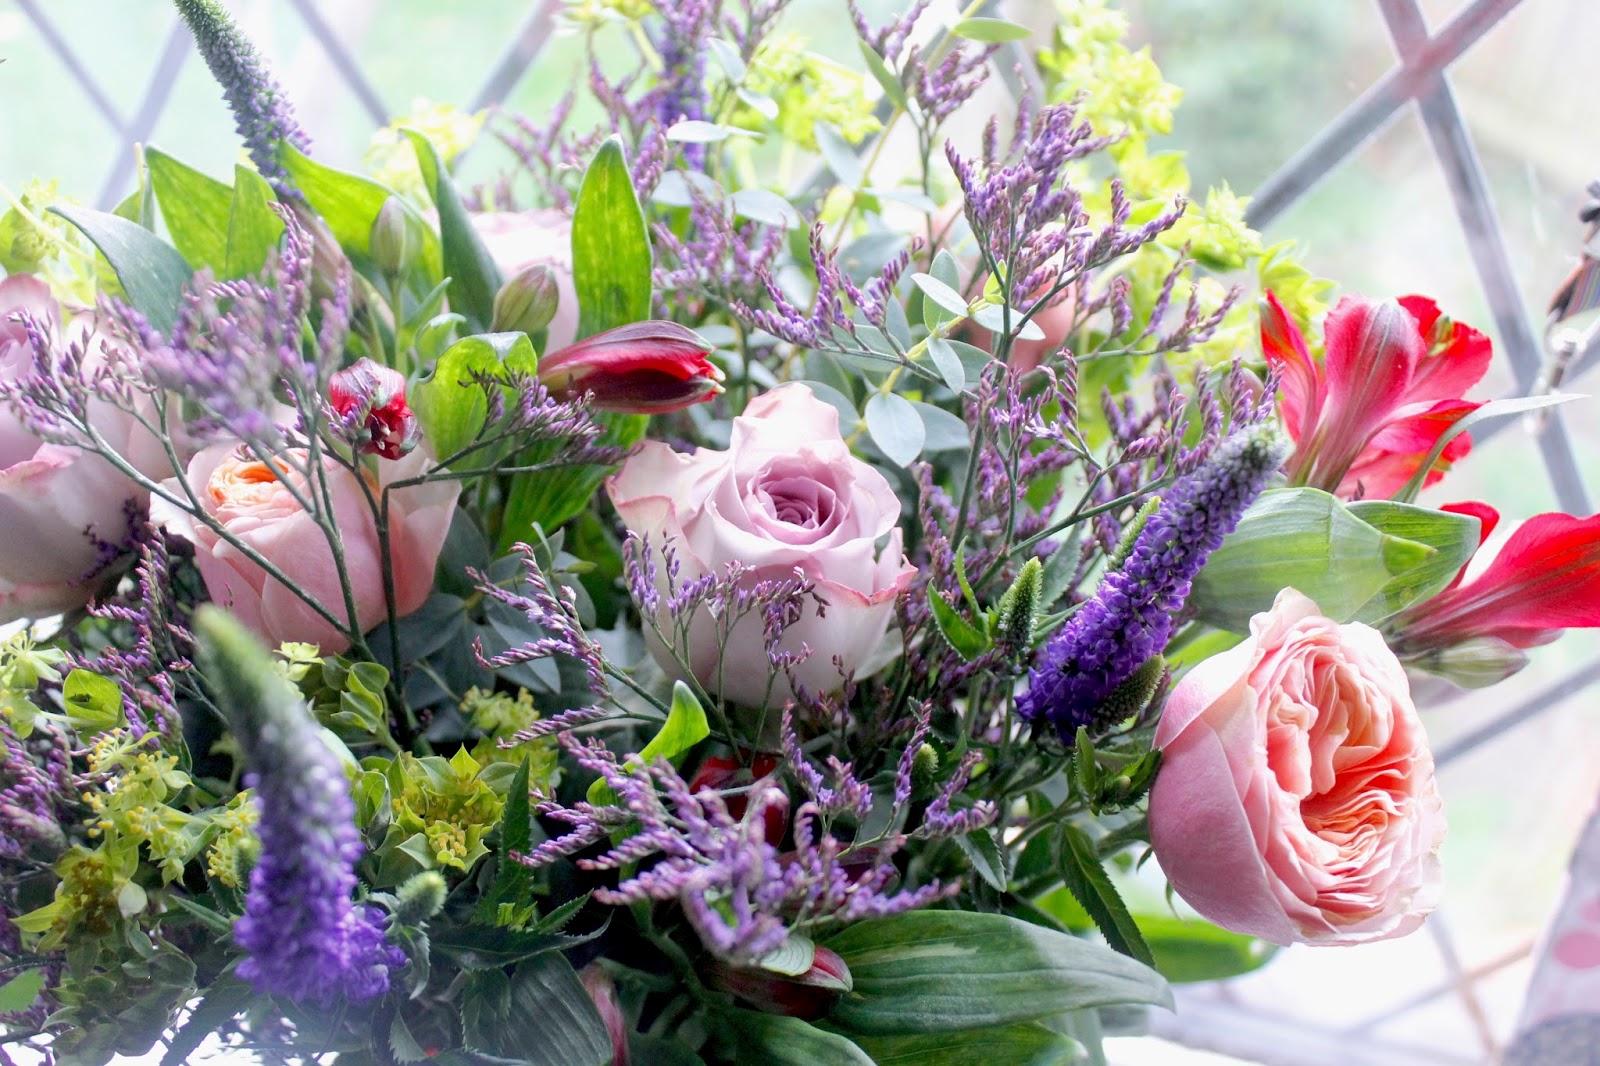 See The Stars - Seasonal Flowers by Appleyard London